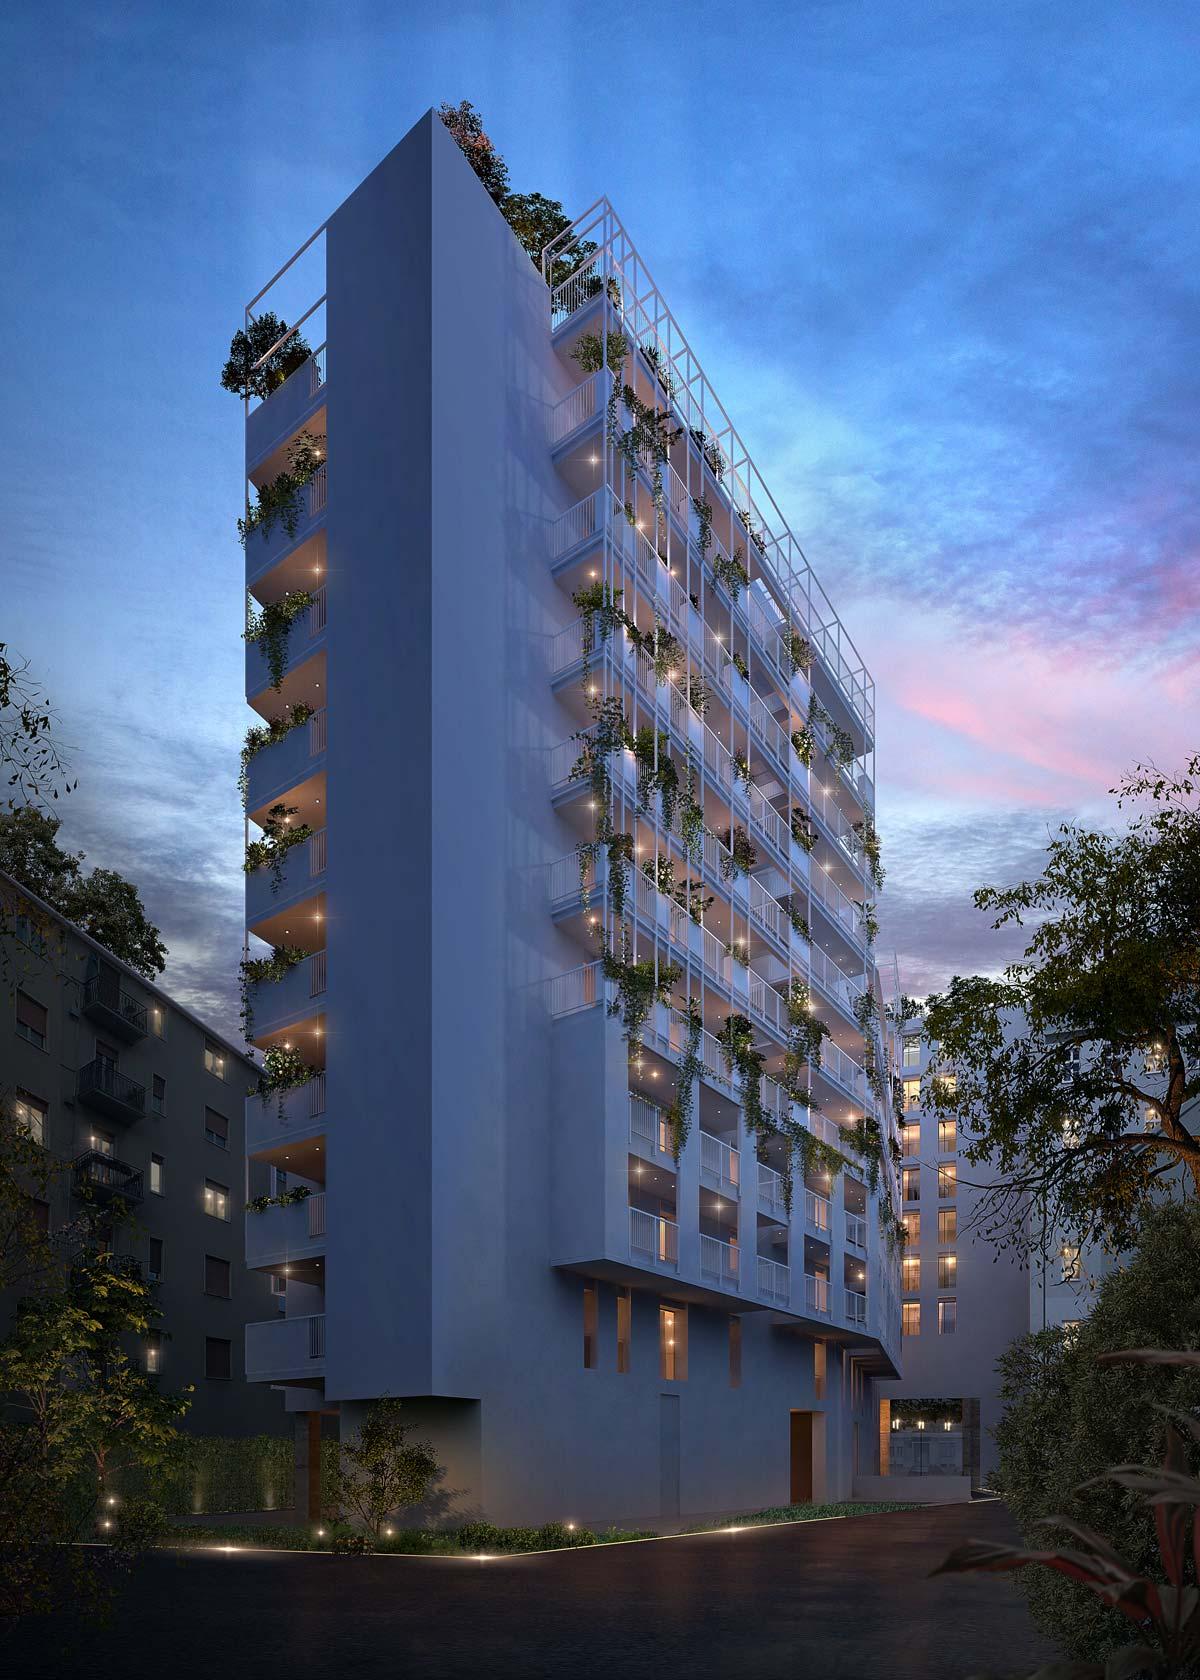 Degli-Esposti-Architetti_Milano-Casa-Selene-New-Residential-Building_10